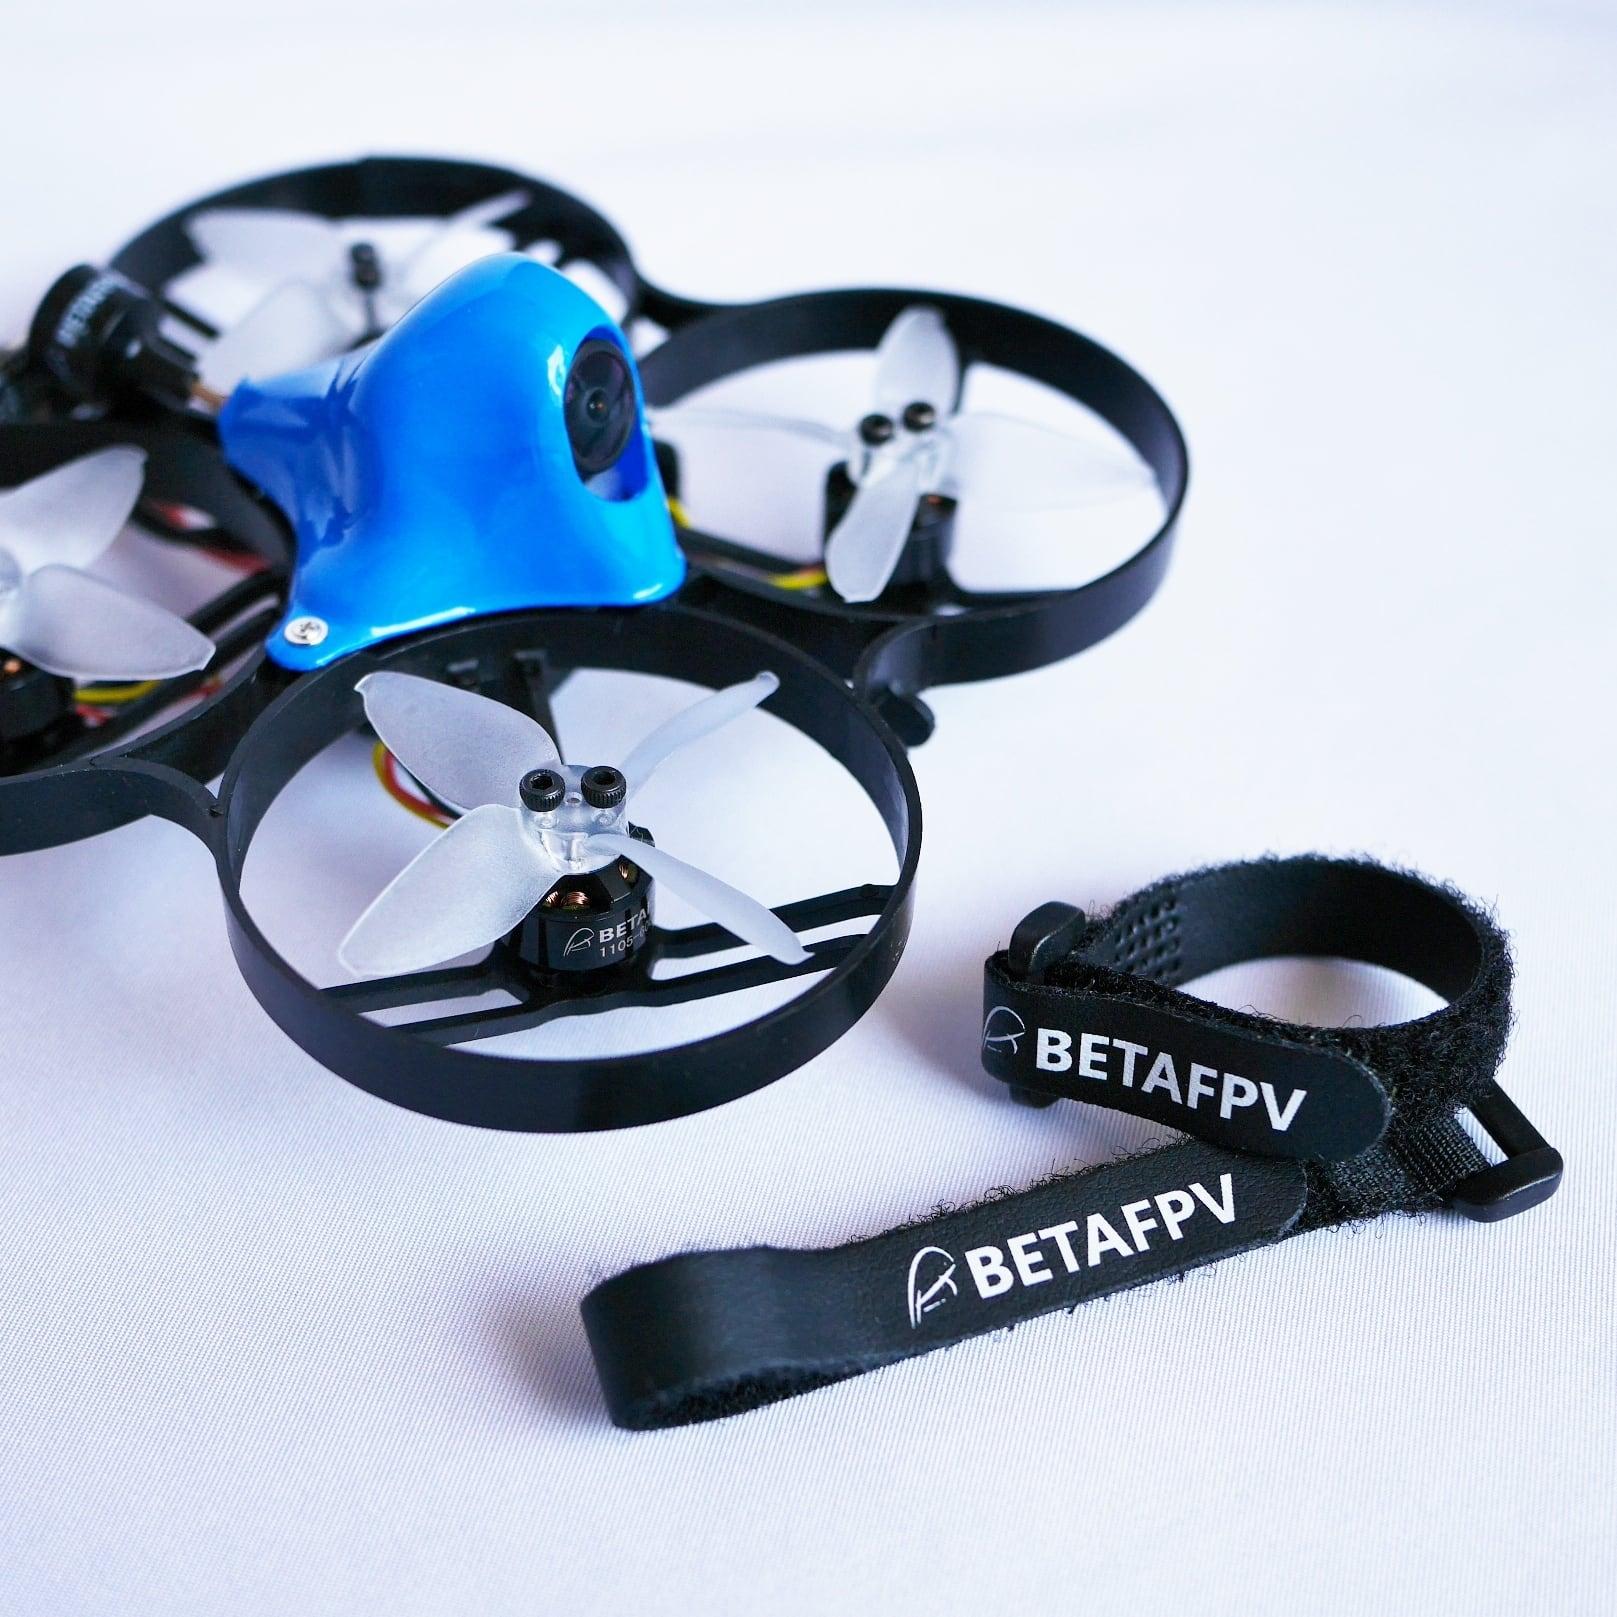 BETAFPV バッテリーストラップ